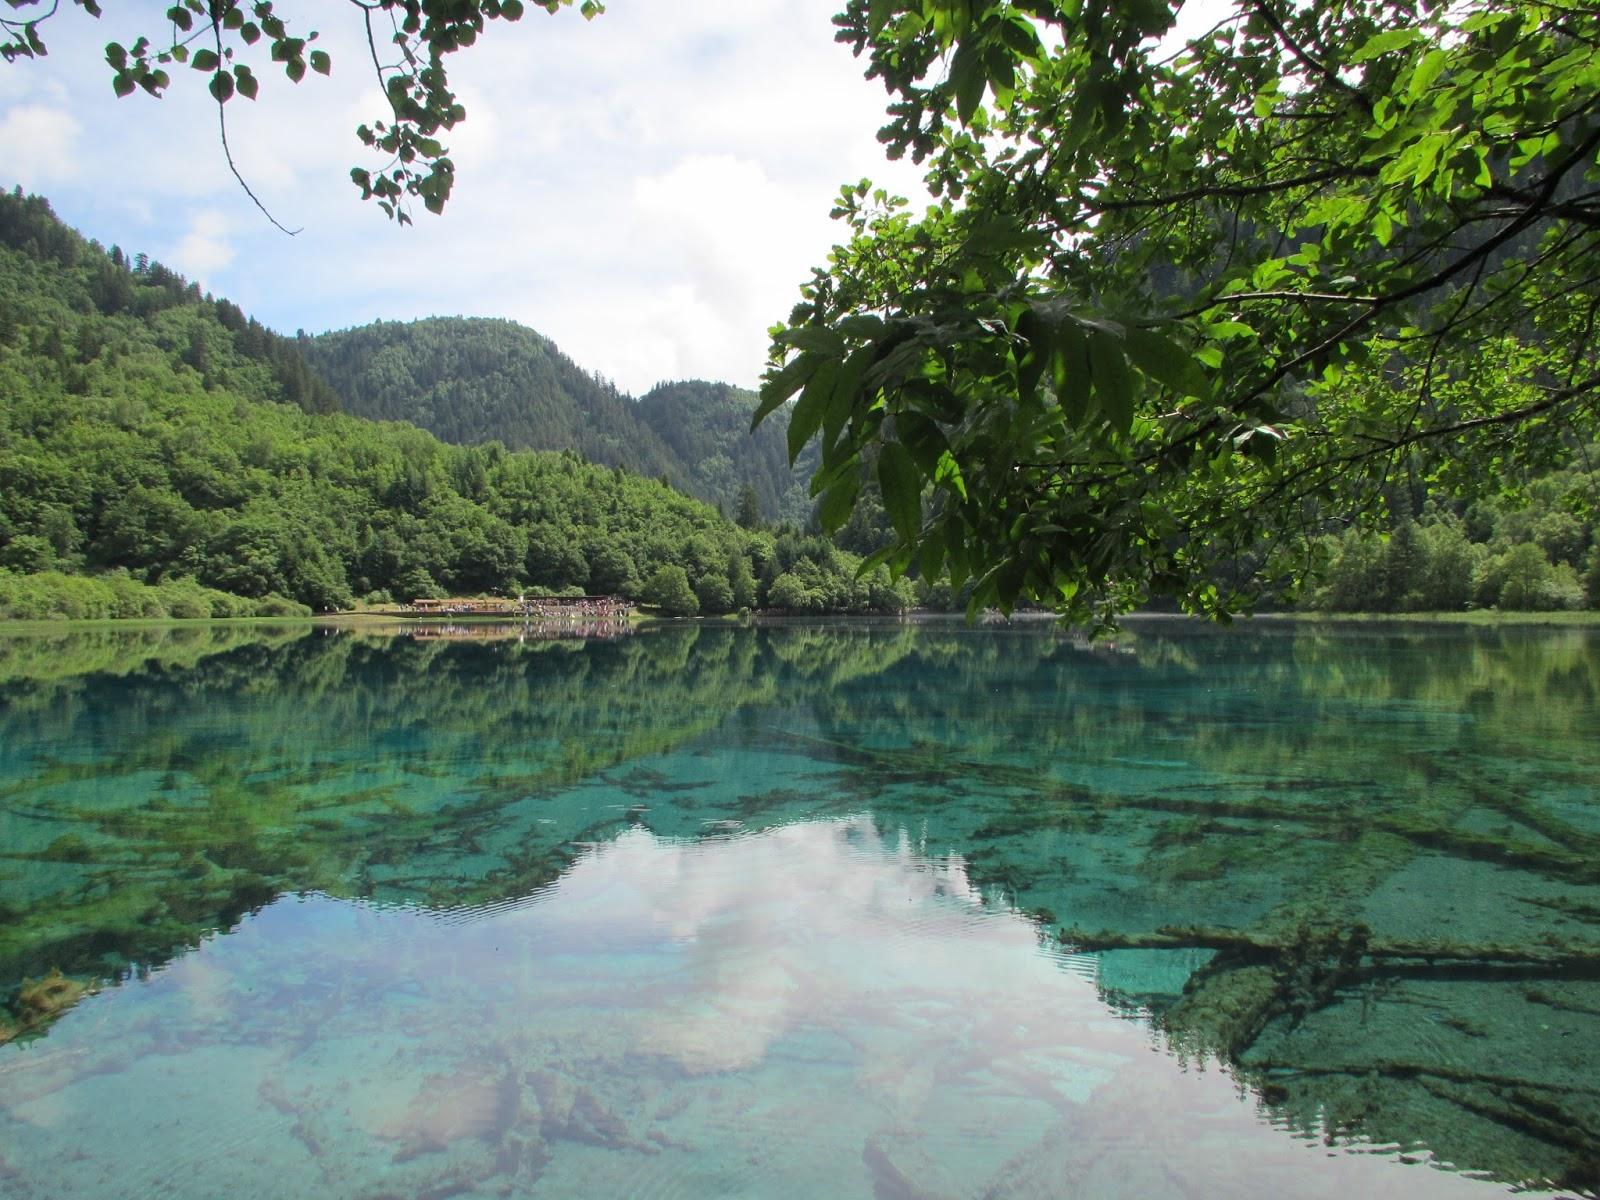 صوره مناظر طبيعية من العالم , اروع صور لجمال الطبيعه